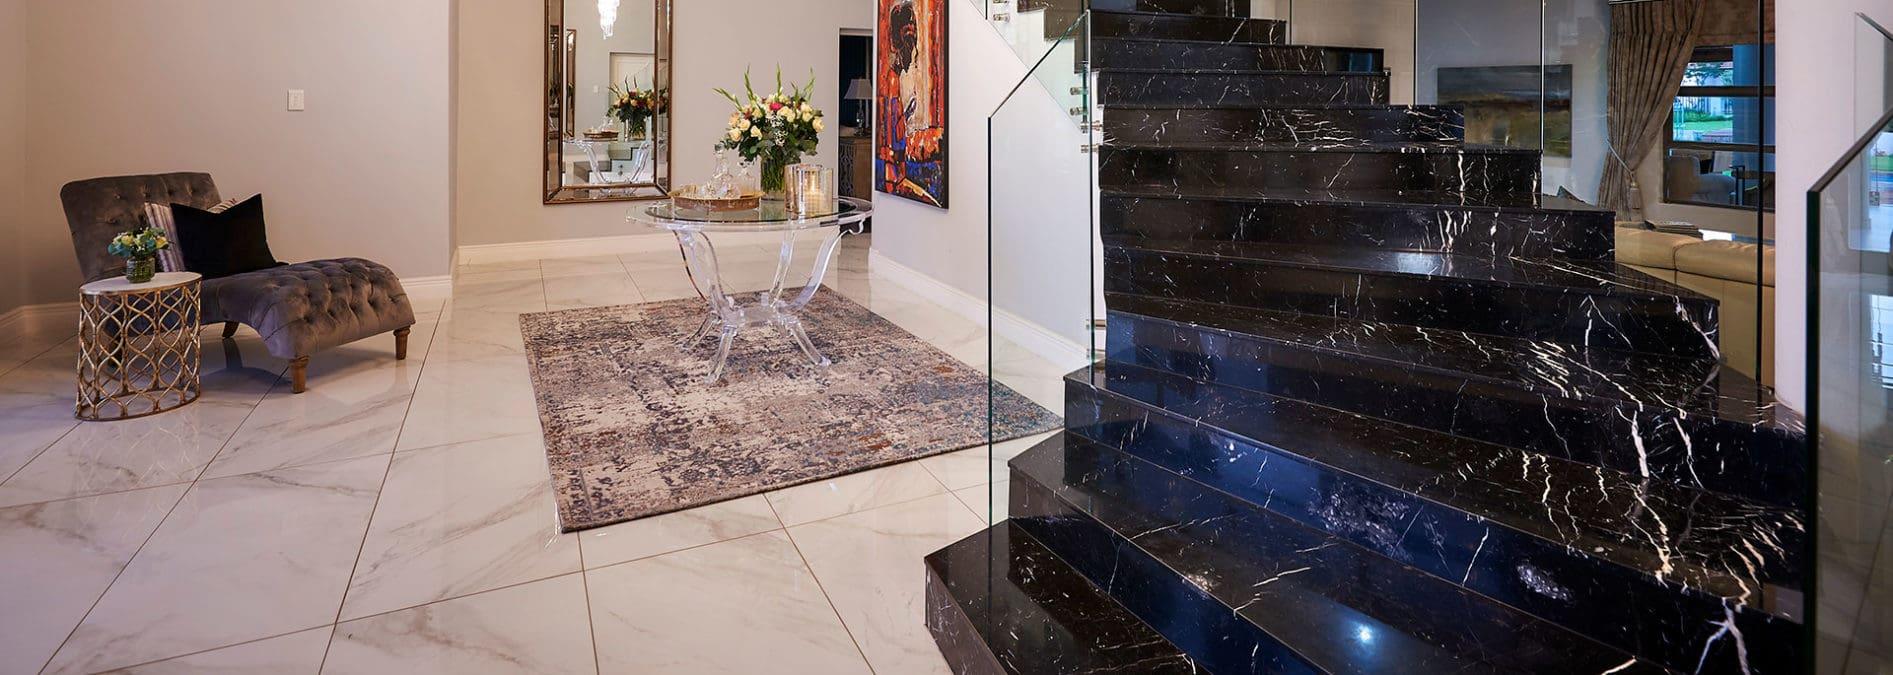 Home Union Tiles Pty Ltd